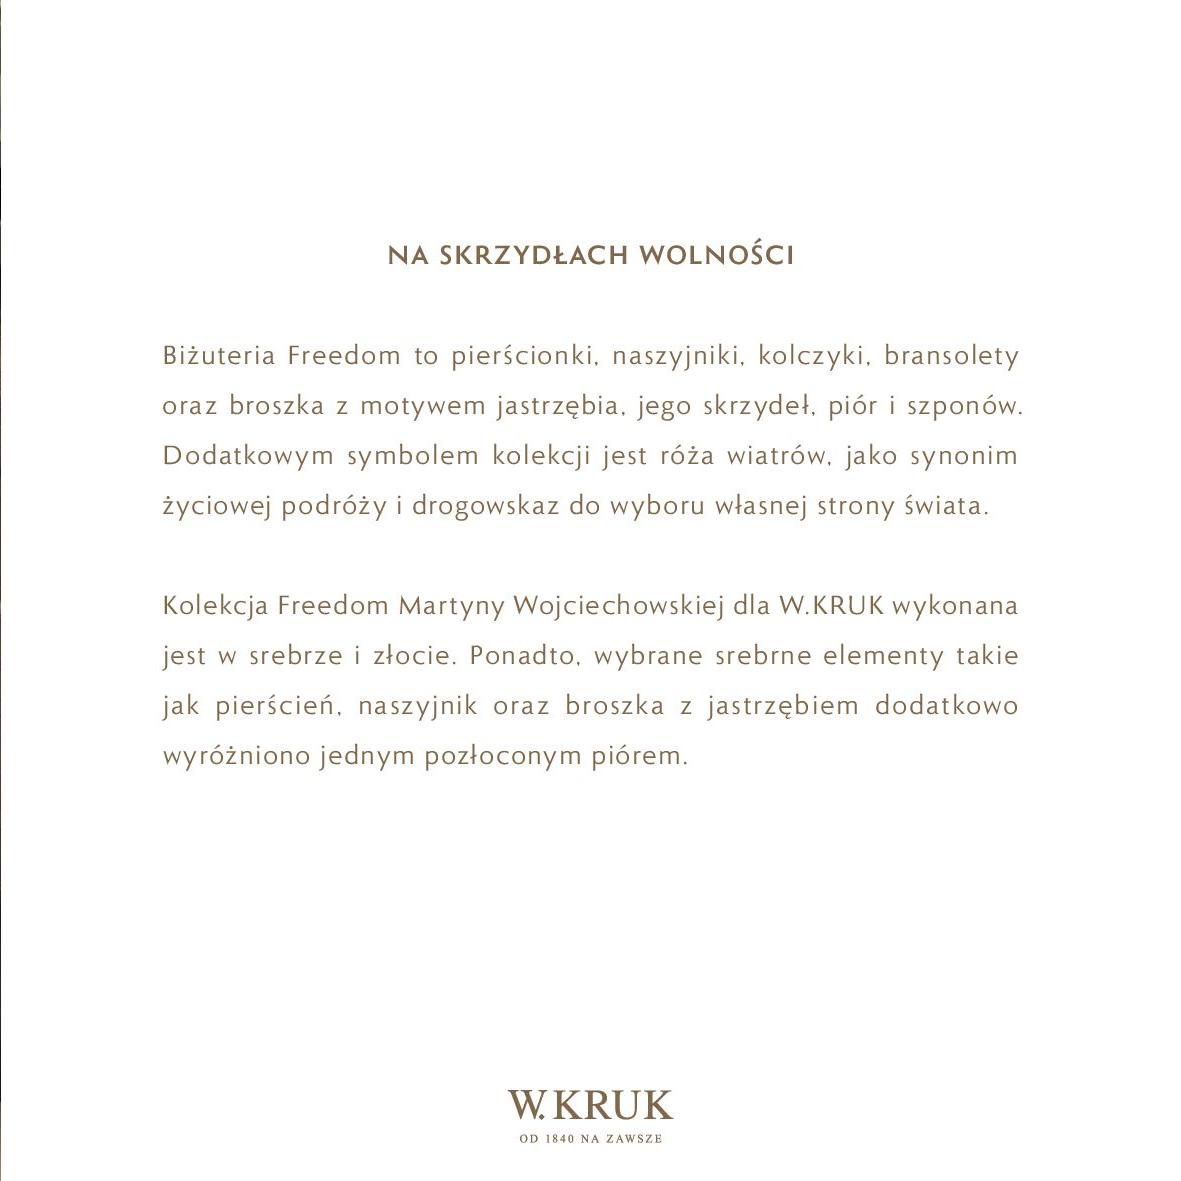 Gazetka W. KRUK: Katalog - Kolekcja Freedom 2021-02-17 page-29